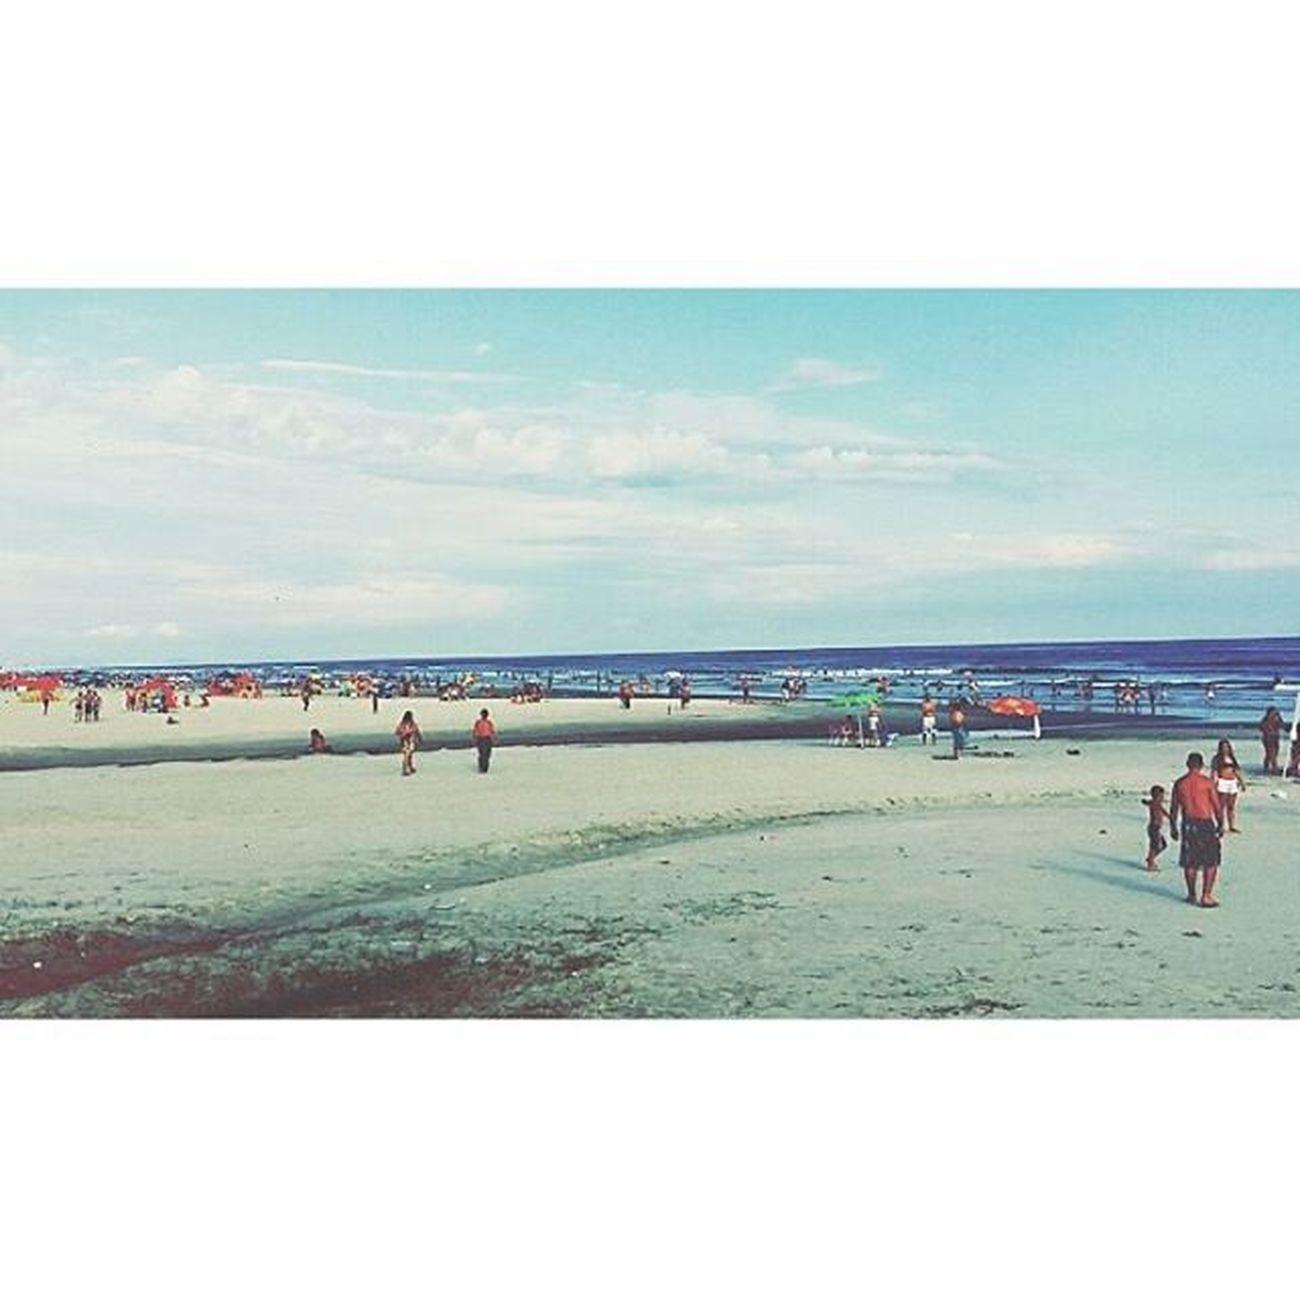 E tão bom sentir a brisa do mar. 🍃 Vscambrasil VSCAM Photo Beach Litoralsul Fotografia Fimdeano Photograpy Amô Paisagem Mongaguá Cidade Litoral Camera360 Photogrid